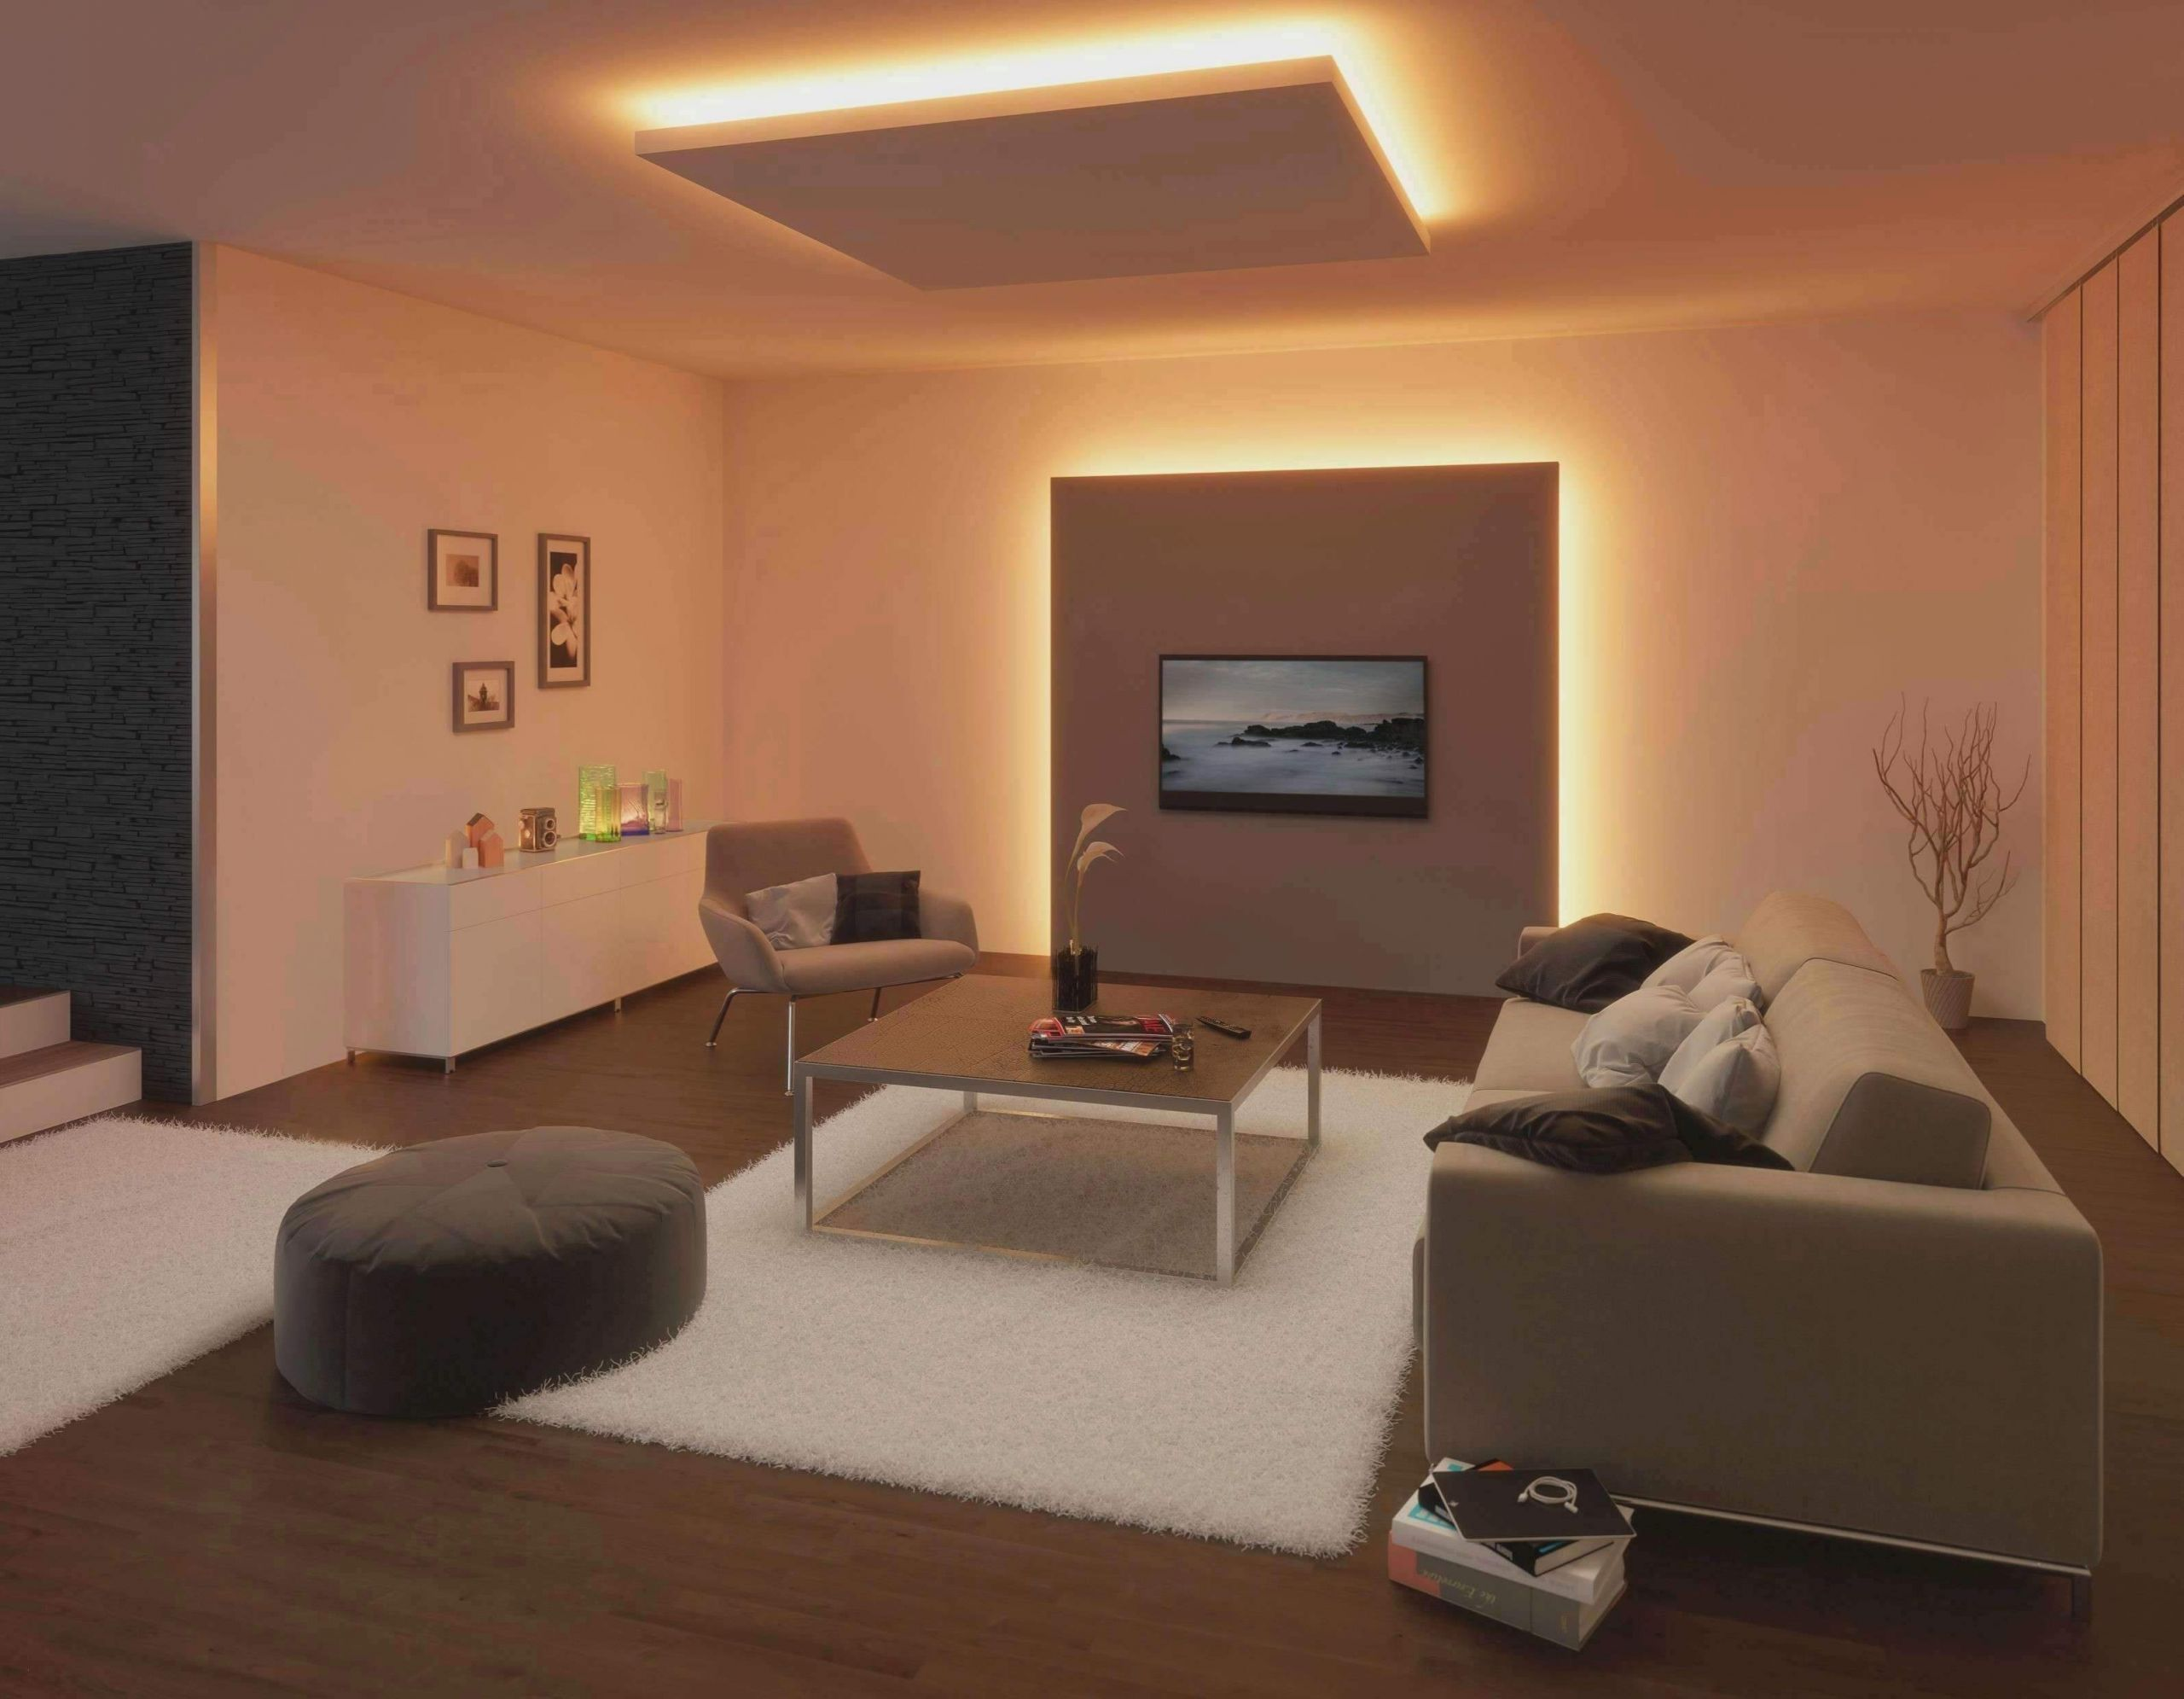 wohnzimmer gestalten tipps schon 30 genial tipps gardinen wohnzimmer of wohnzimmer gestalten tipps